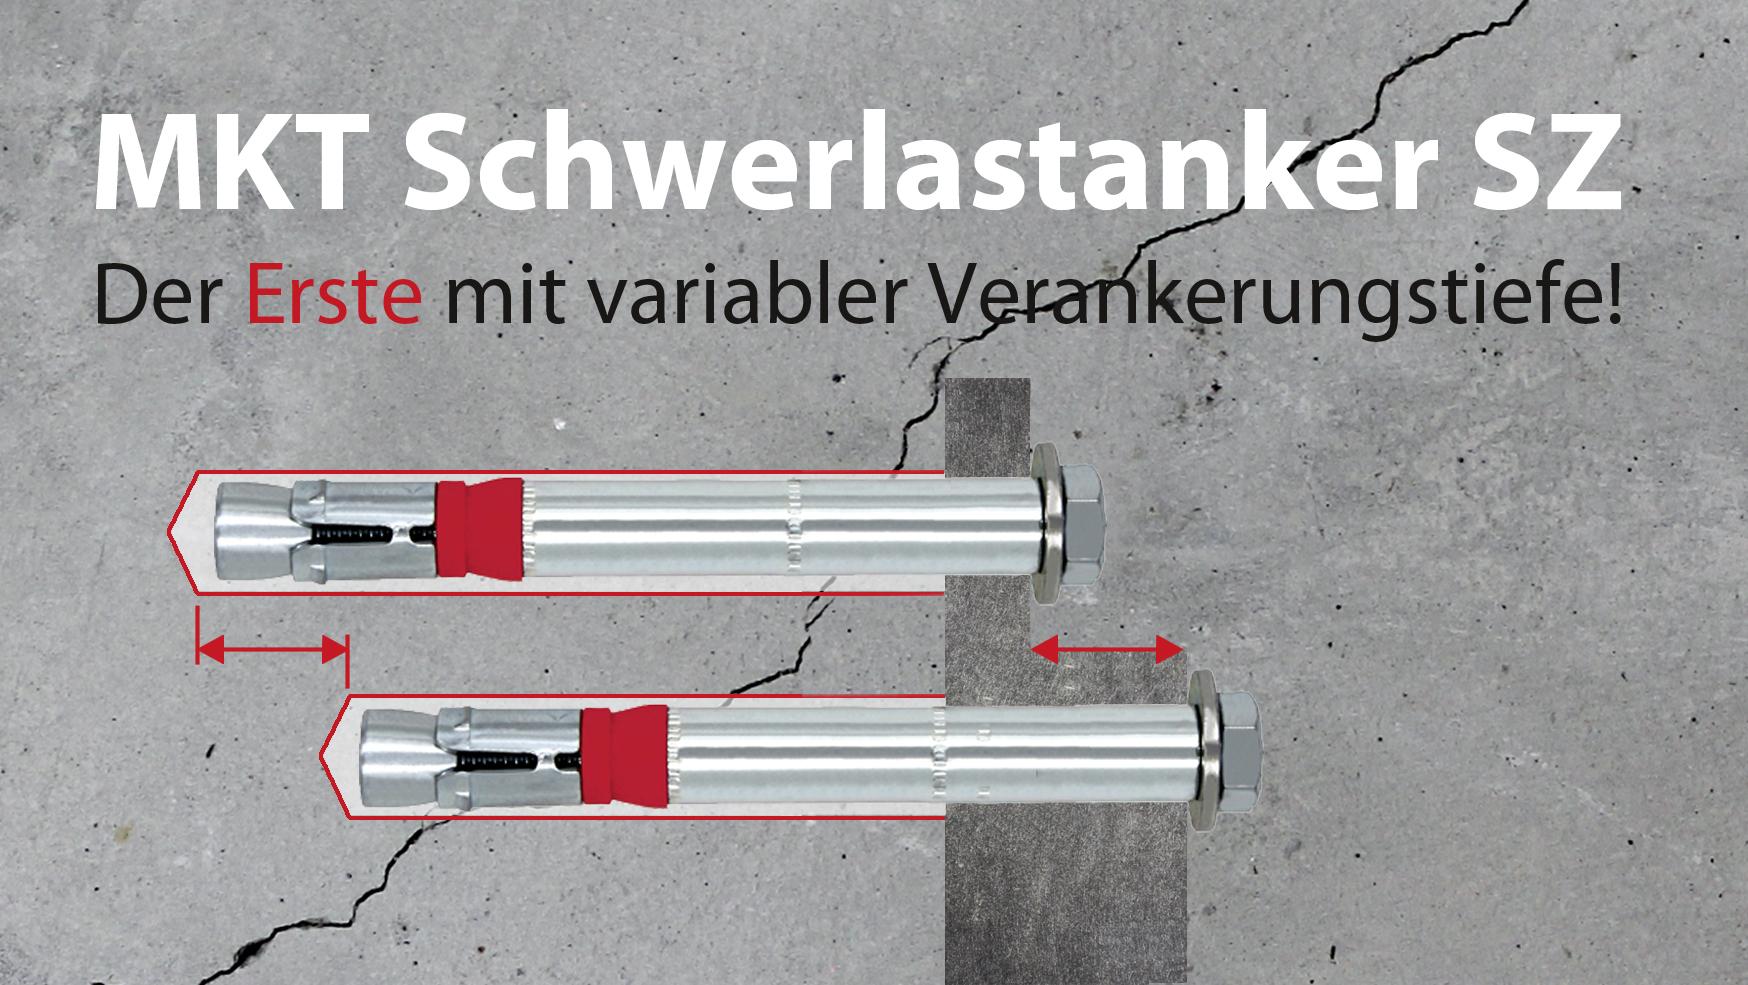 mkt de: MKT Metall-Kunststoff-Technik